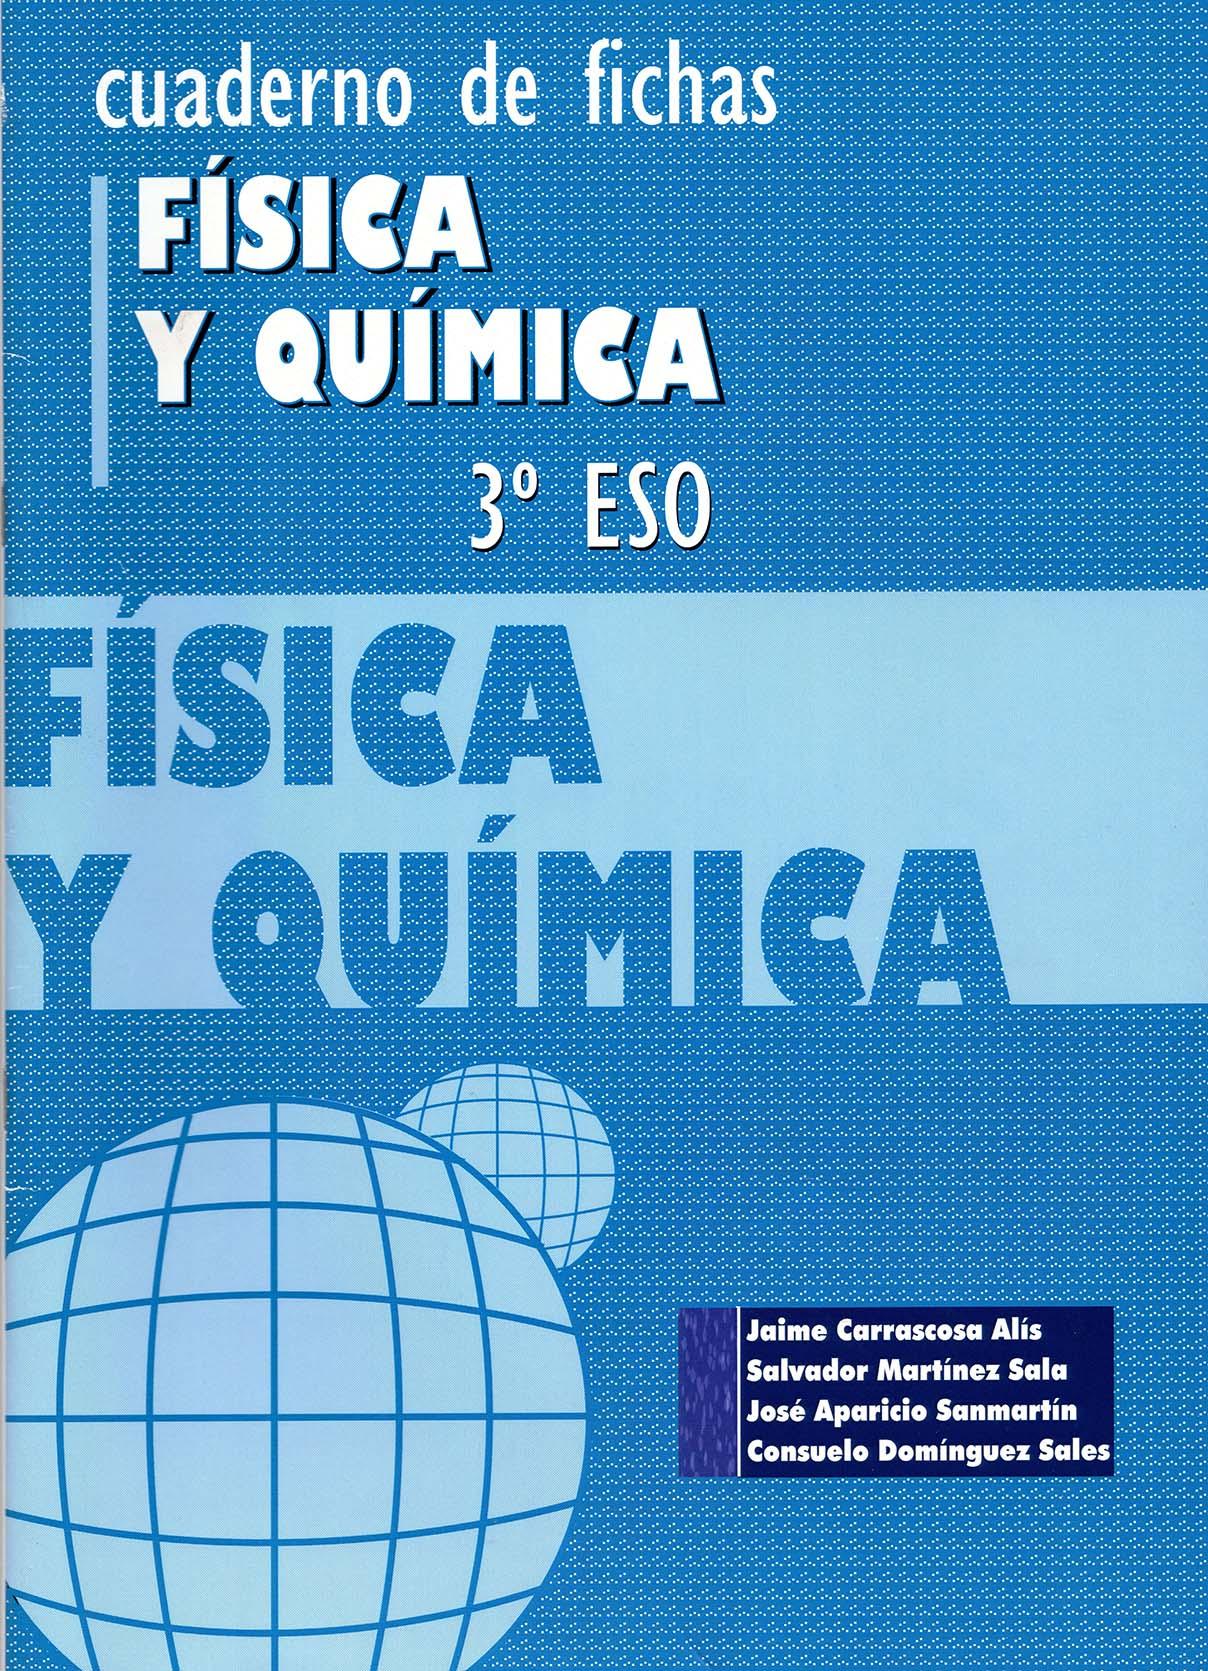 Cuaderno de fichas Física y Química 3º ESO